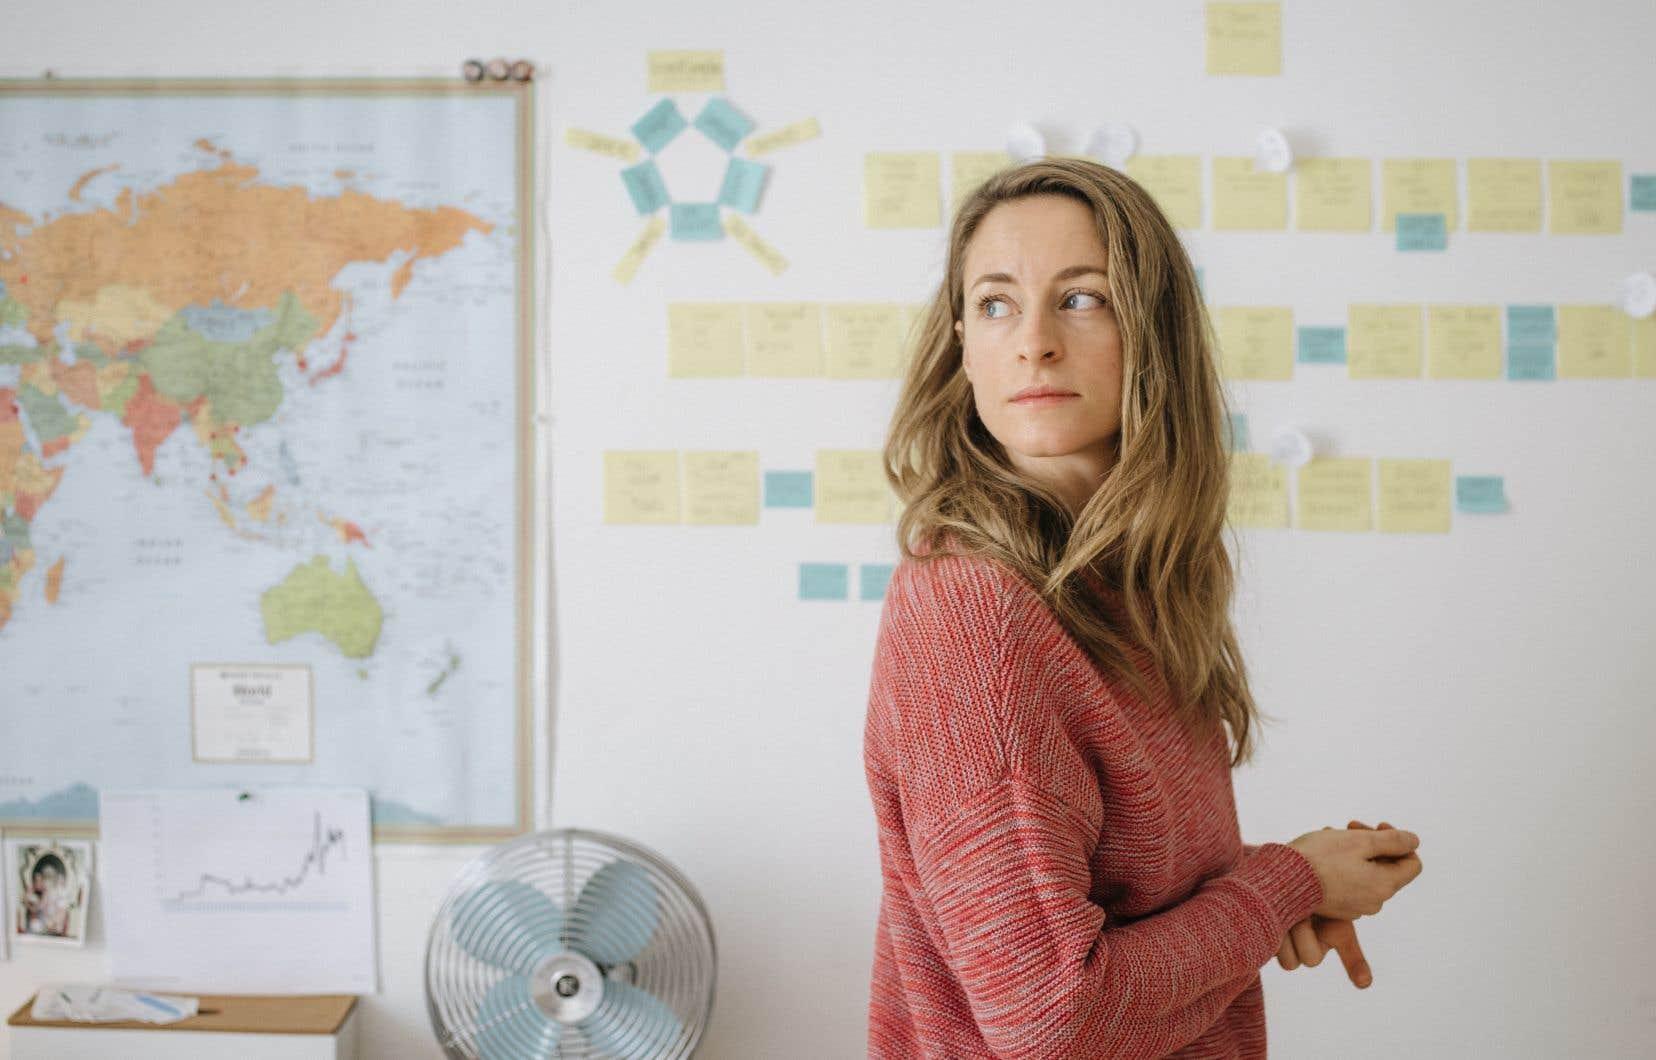 L'auteure Christine Beaulieu est l'une des finalistes des Prix littéraires du Gouverneur général.